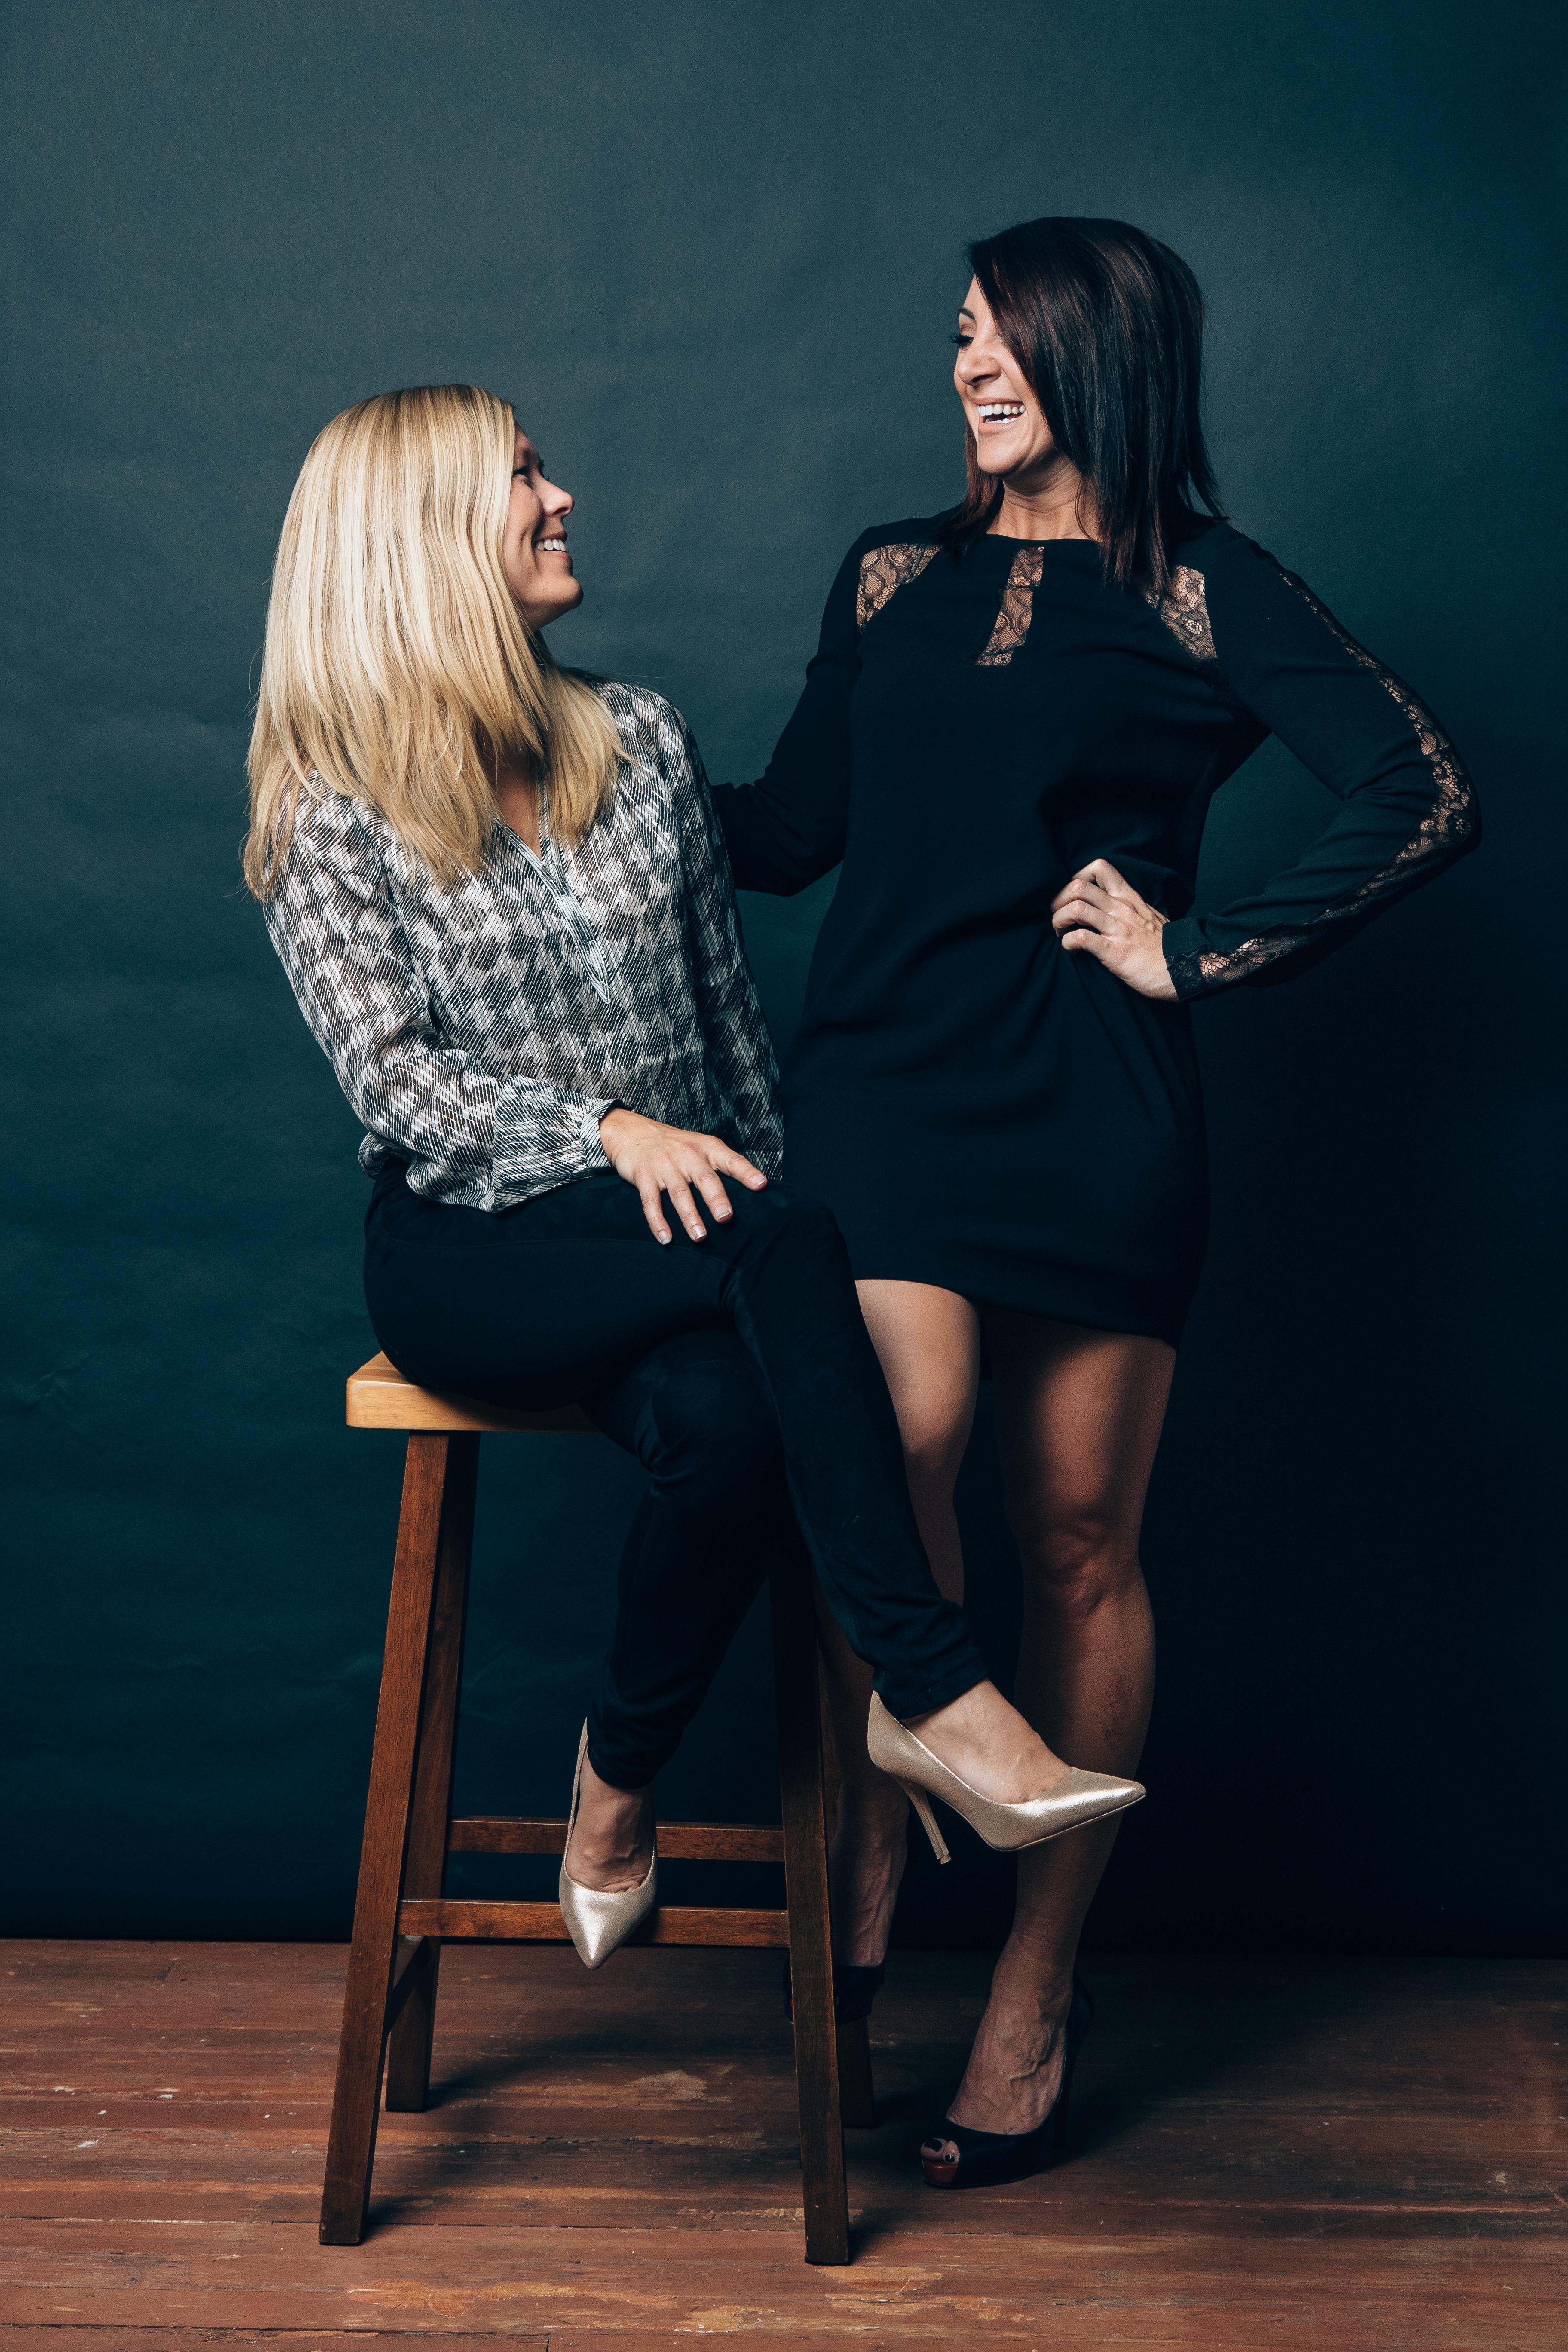 Stylize co-founders Kristen Miller